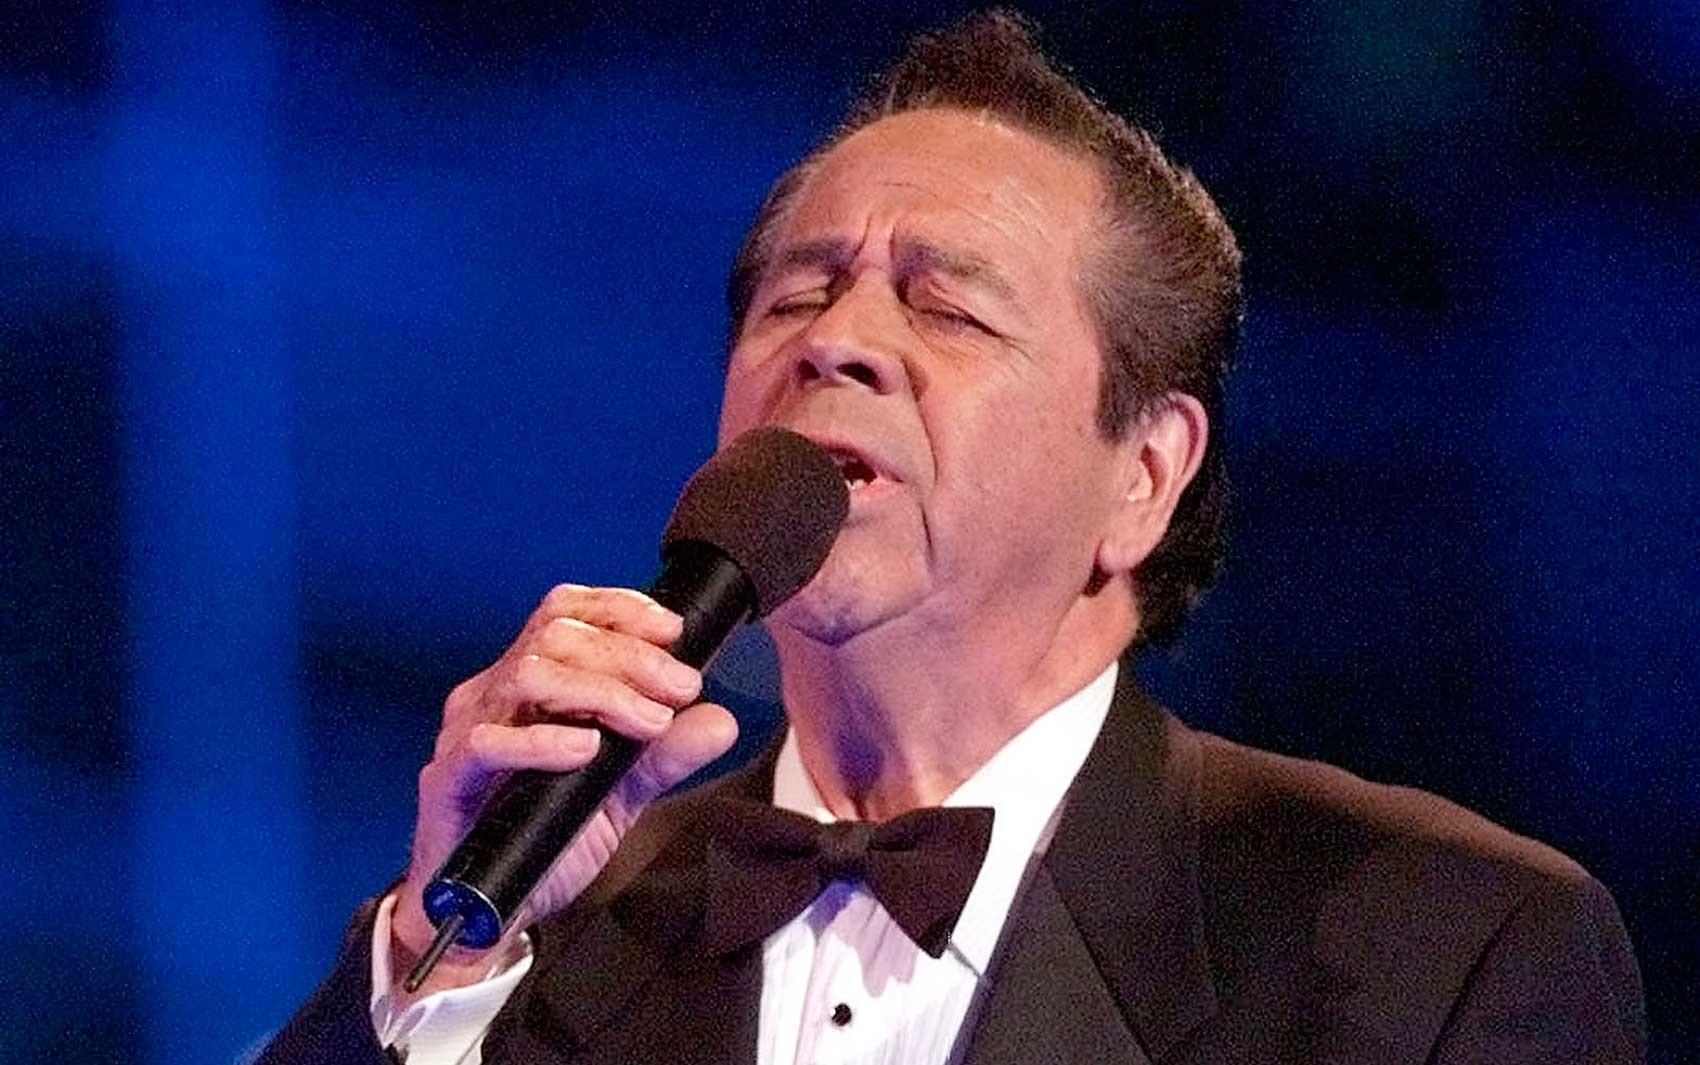 Cantor de boleros Lucho Gatica morre aos 90 anos - Radio Evangelho Gospel